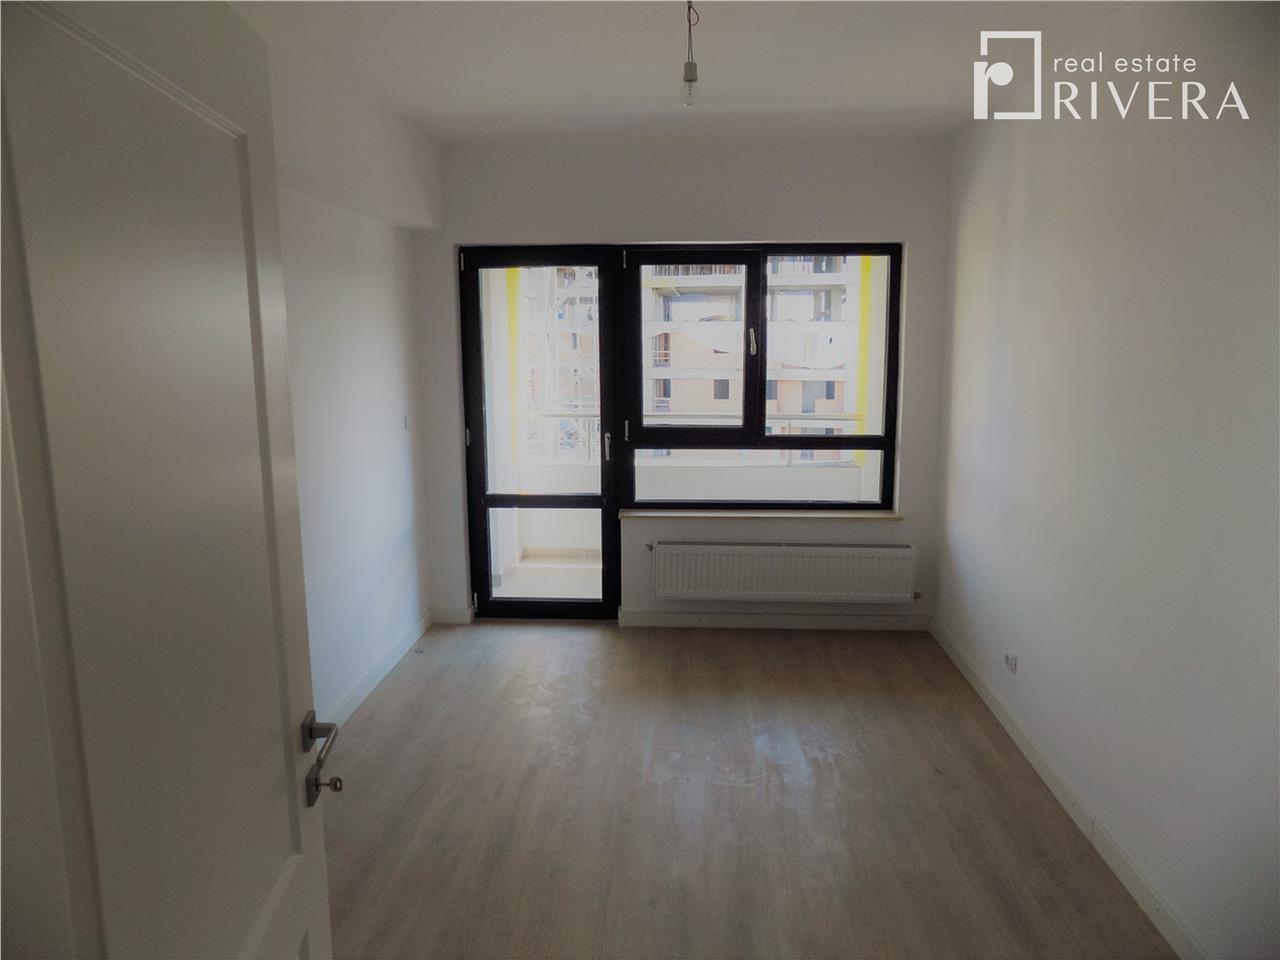 Apartament nou, 3 camere  Cug   Finalizat   Disponibil pe mai multe etaje   Plata cu rate la dezvoltator pe 15 ani